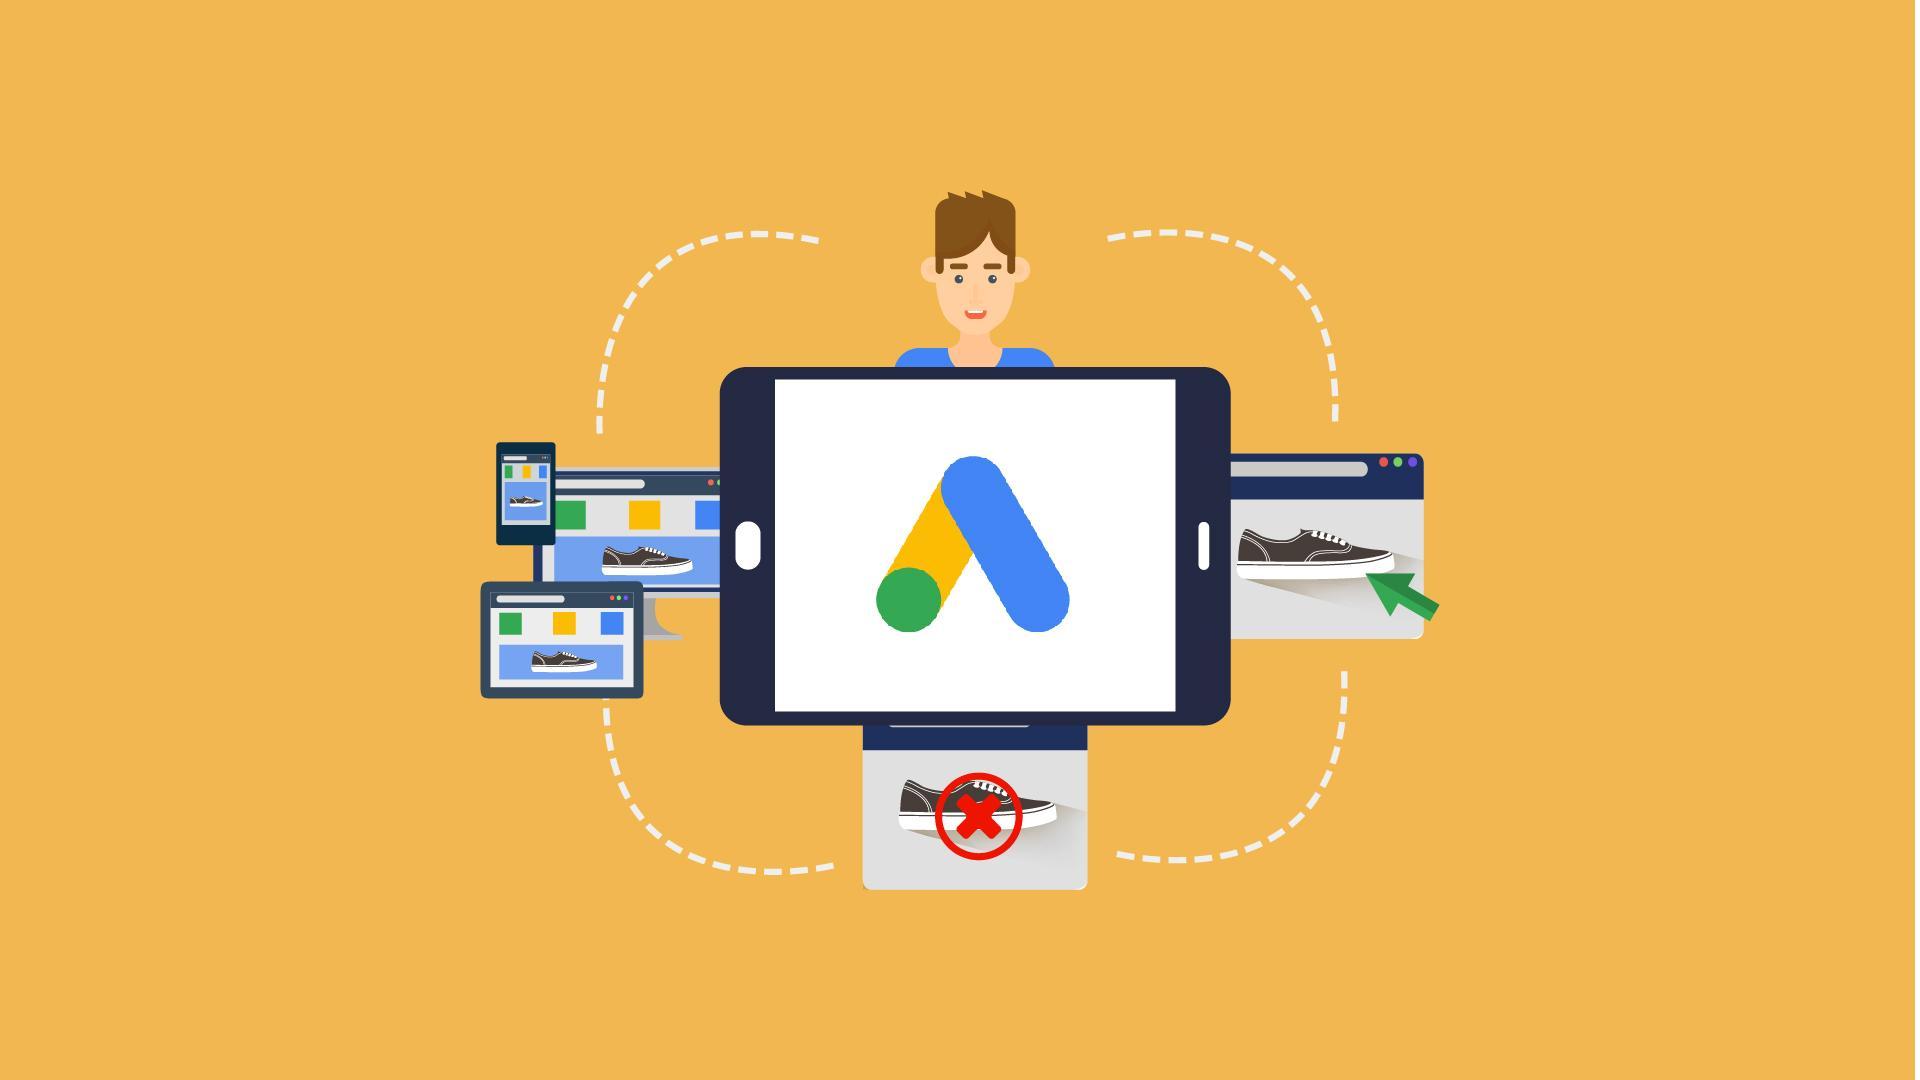 Crie uma campanha de remarketing utilizando o Google AdWords